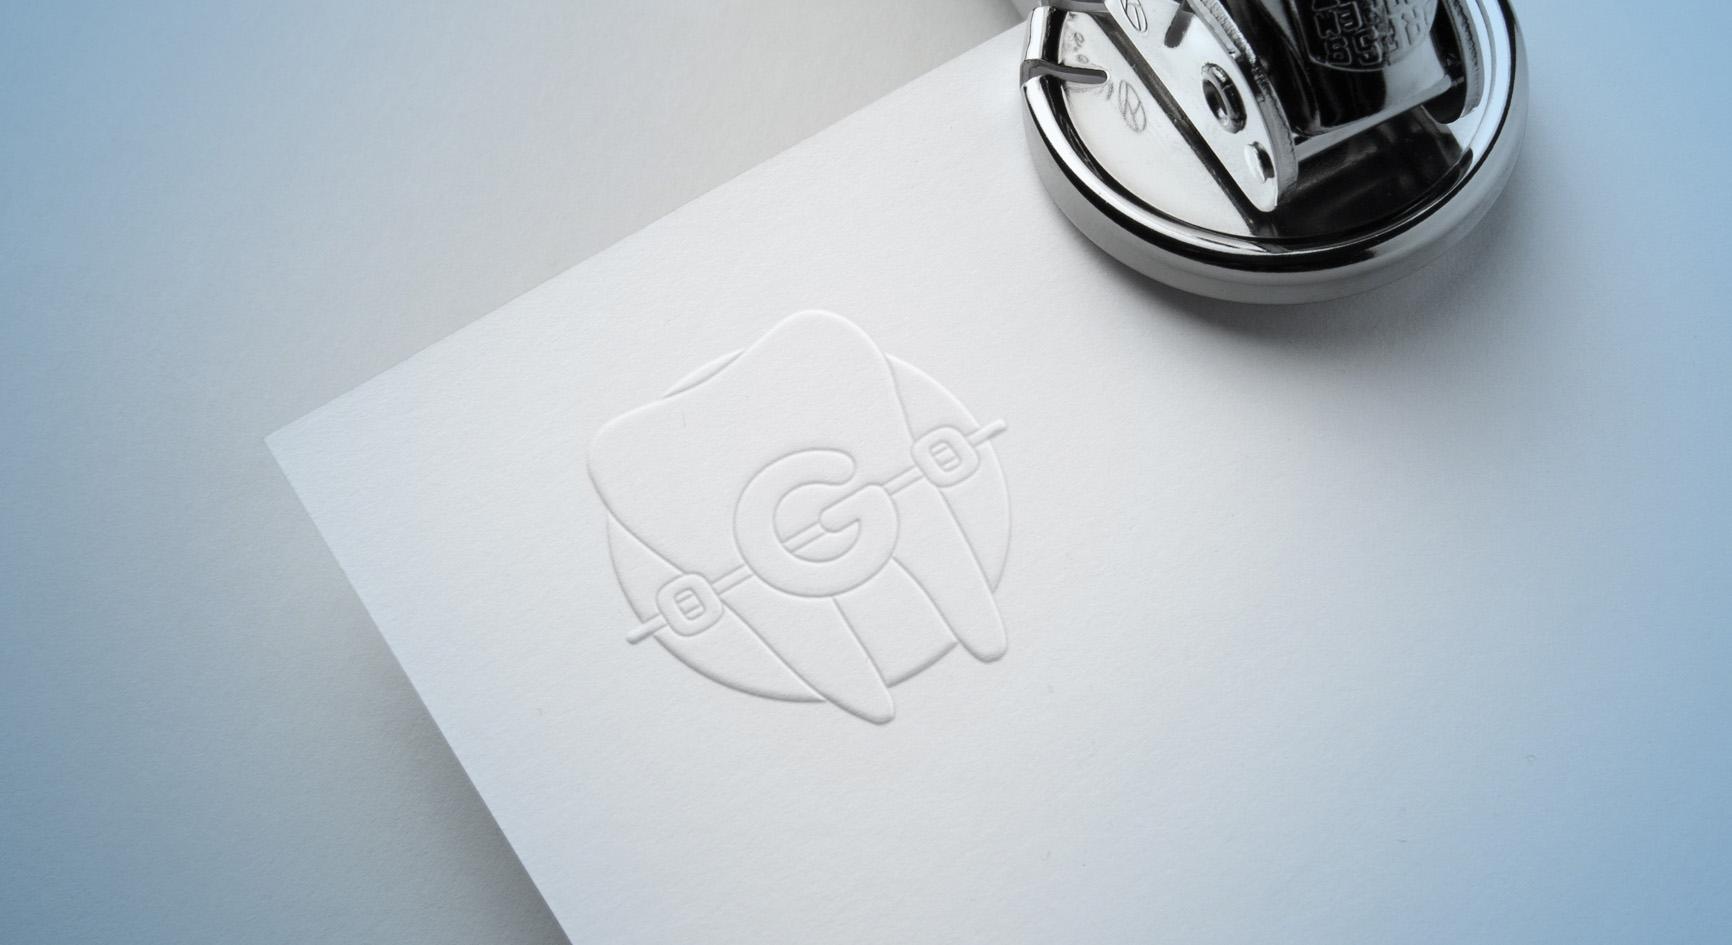 kfo_slider_2019_Logo3